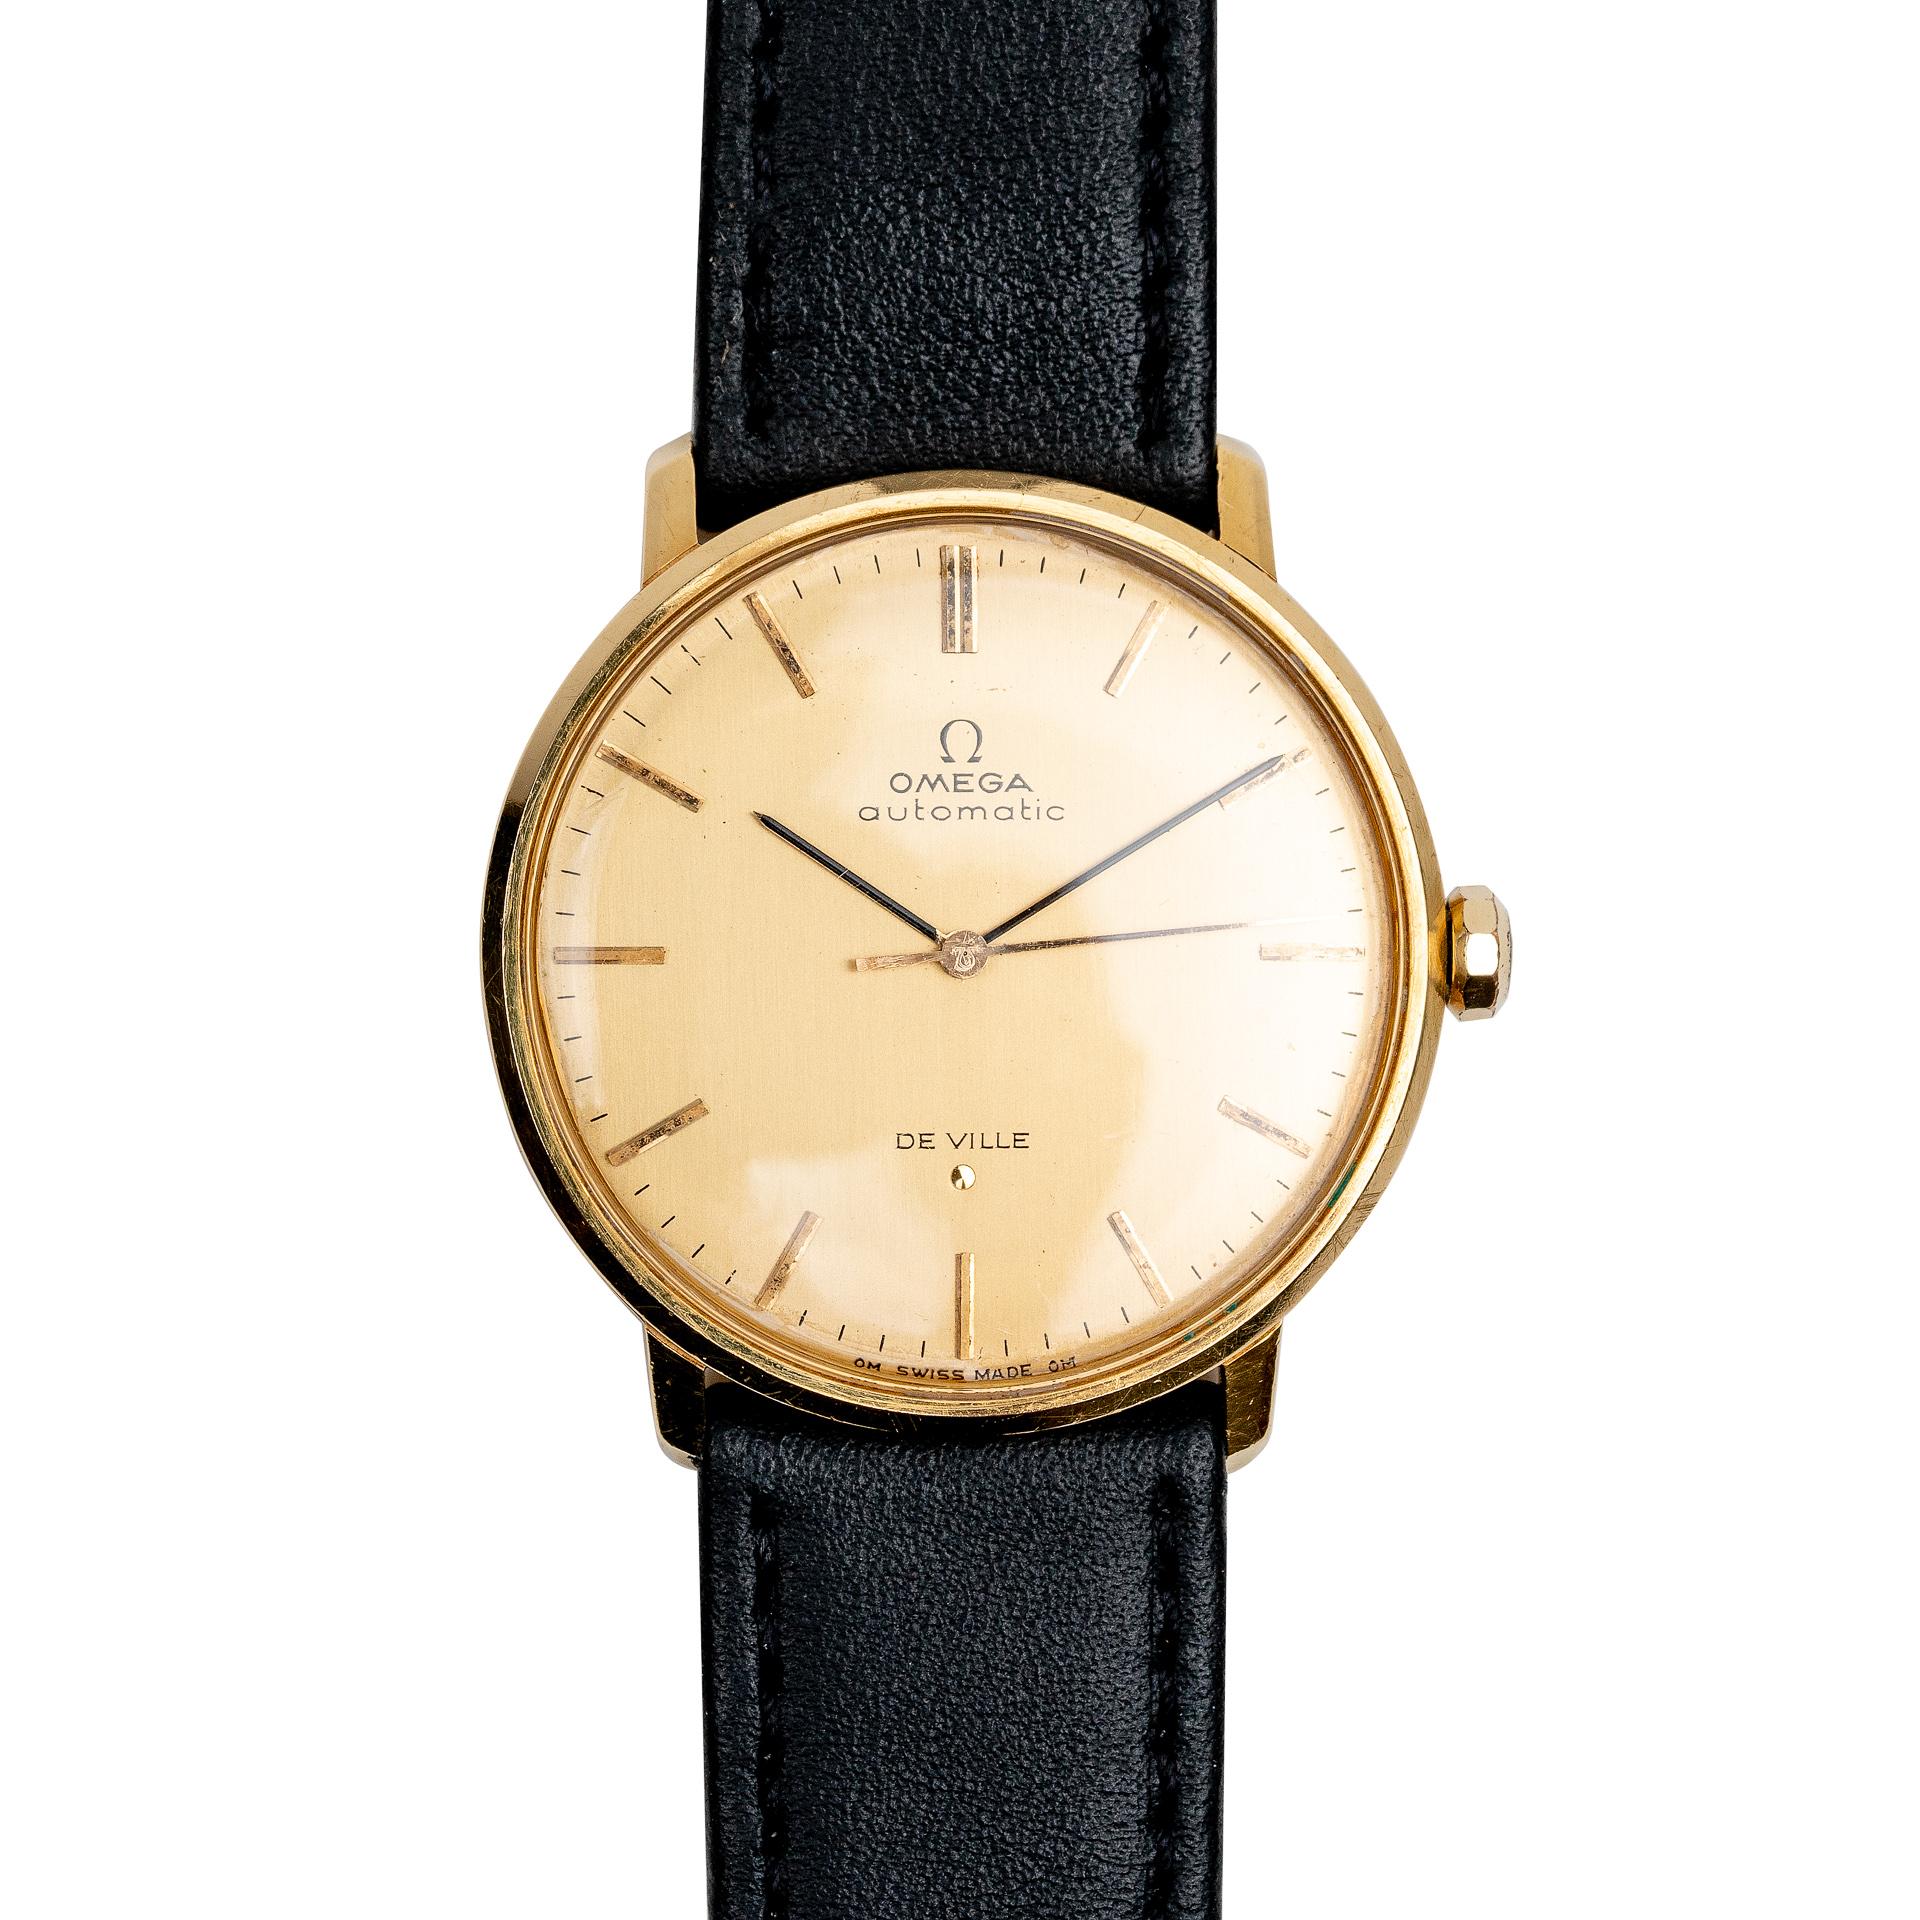 Omega de ville 18k gold 161024 from 1966